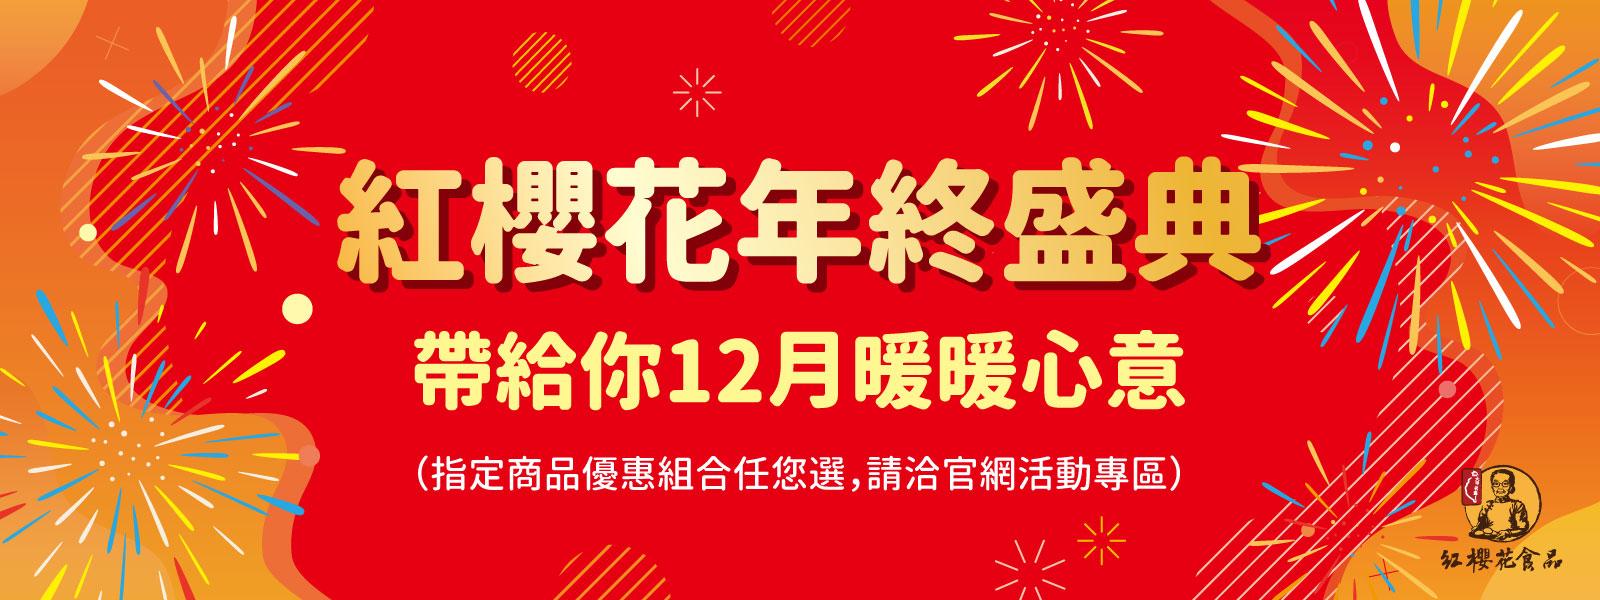 在線賭博-開戶年終盛典帶給你12月暖暖心意